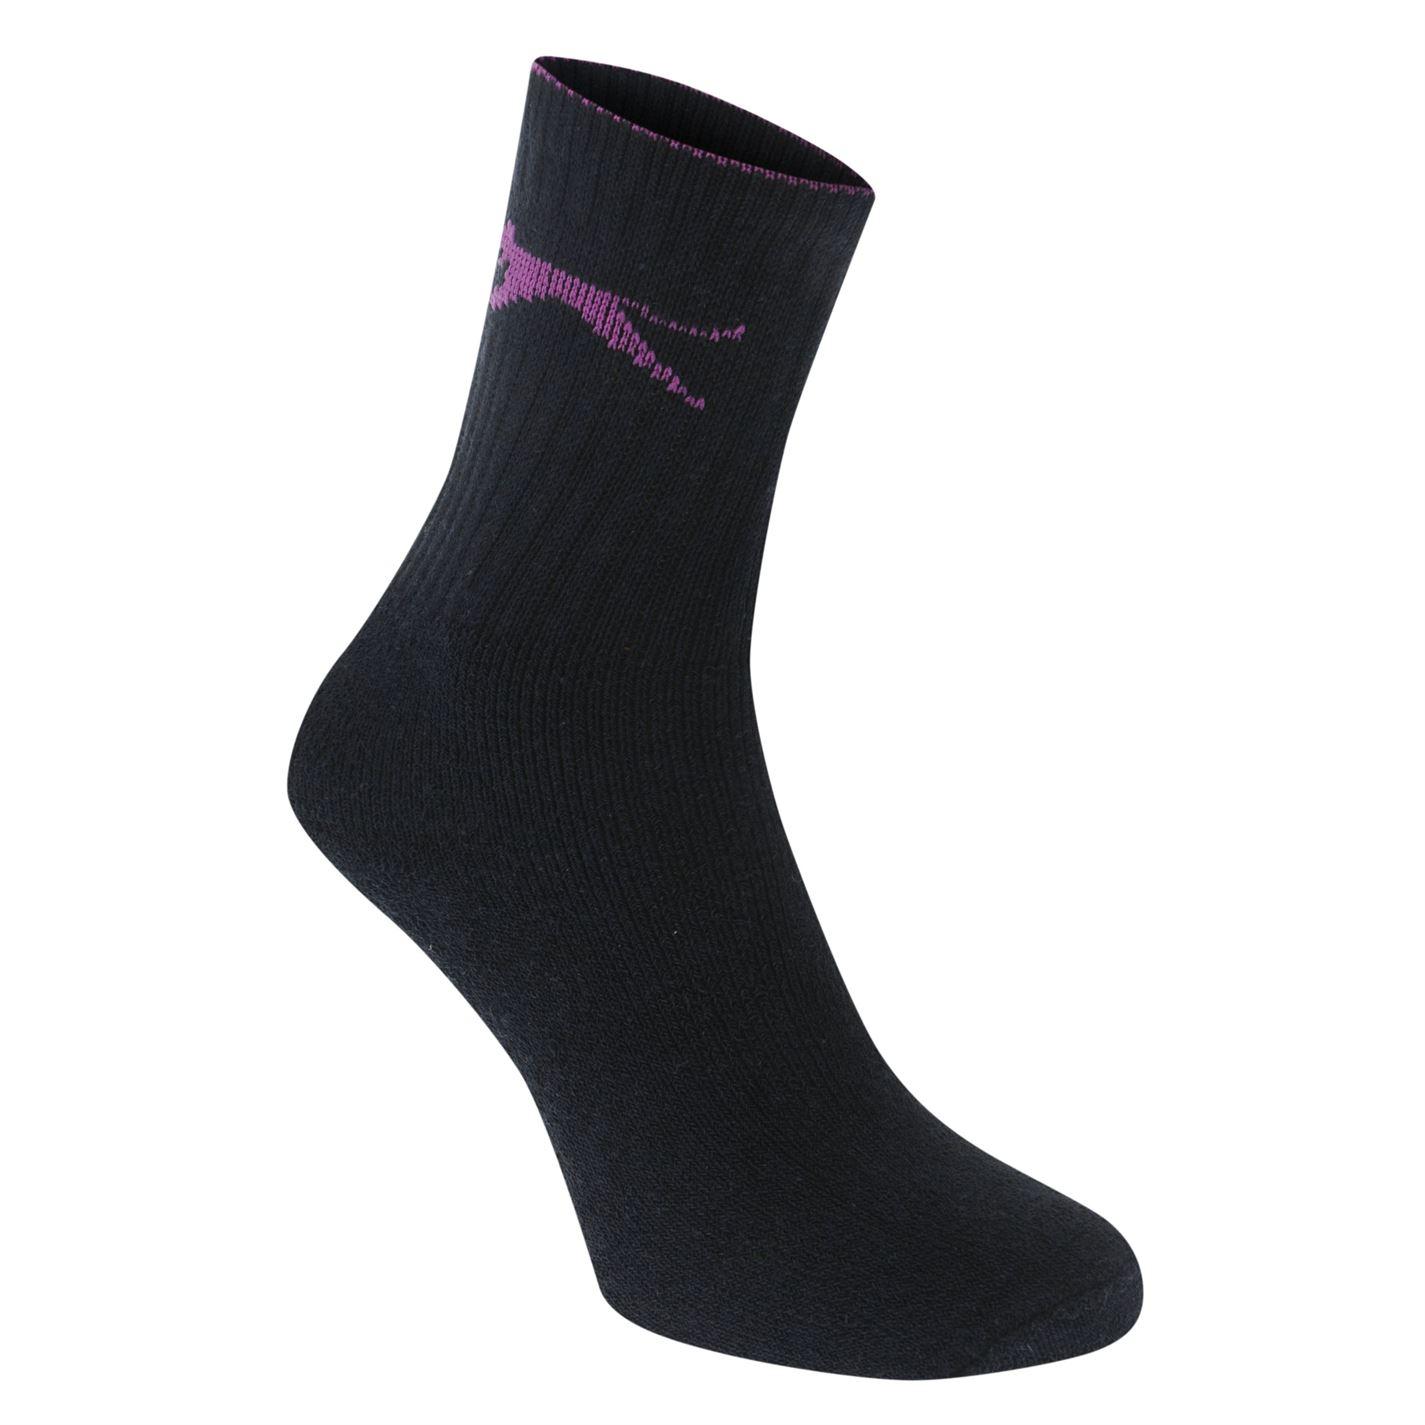 52e847ad9 Slazenger-5-Pack-Crew-Socks-Ladies thumbnail 10